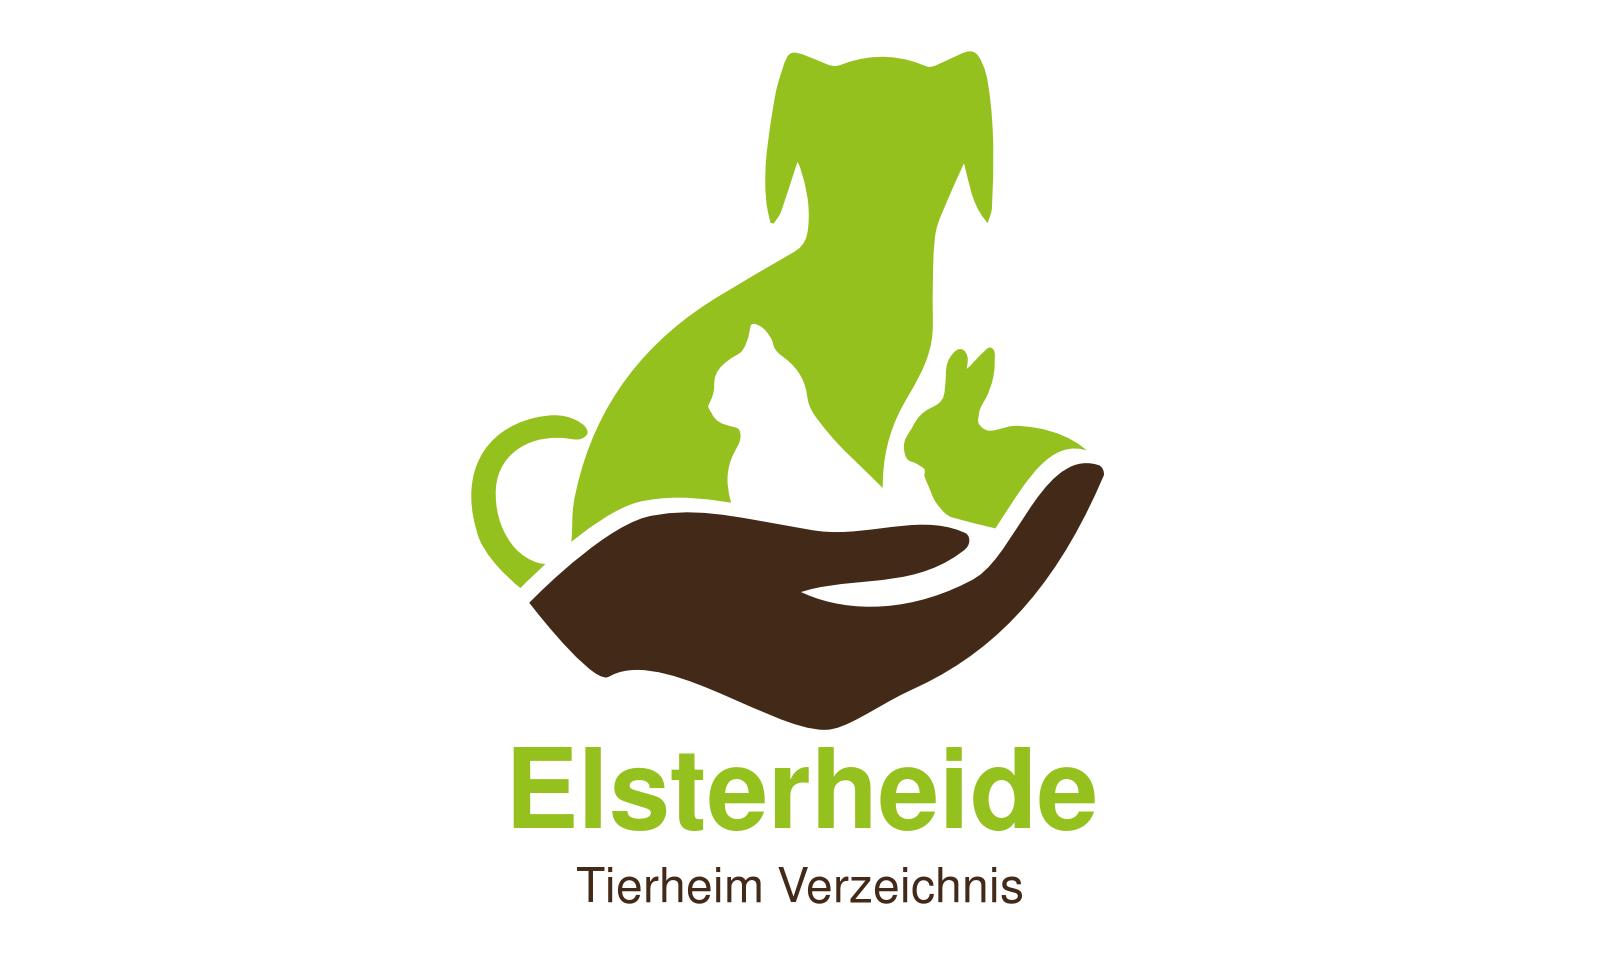 Tierheim Elsterheide